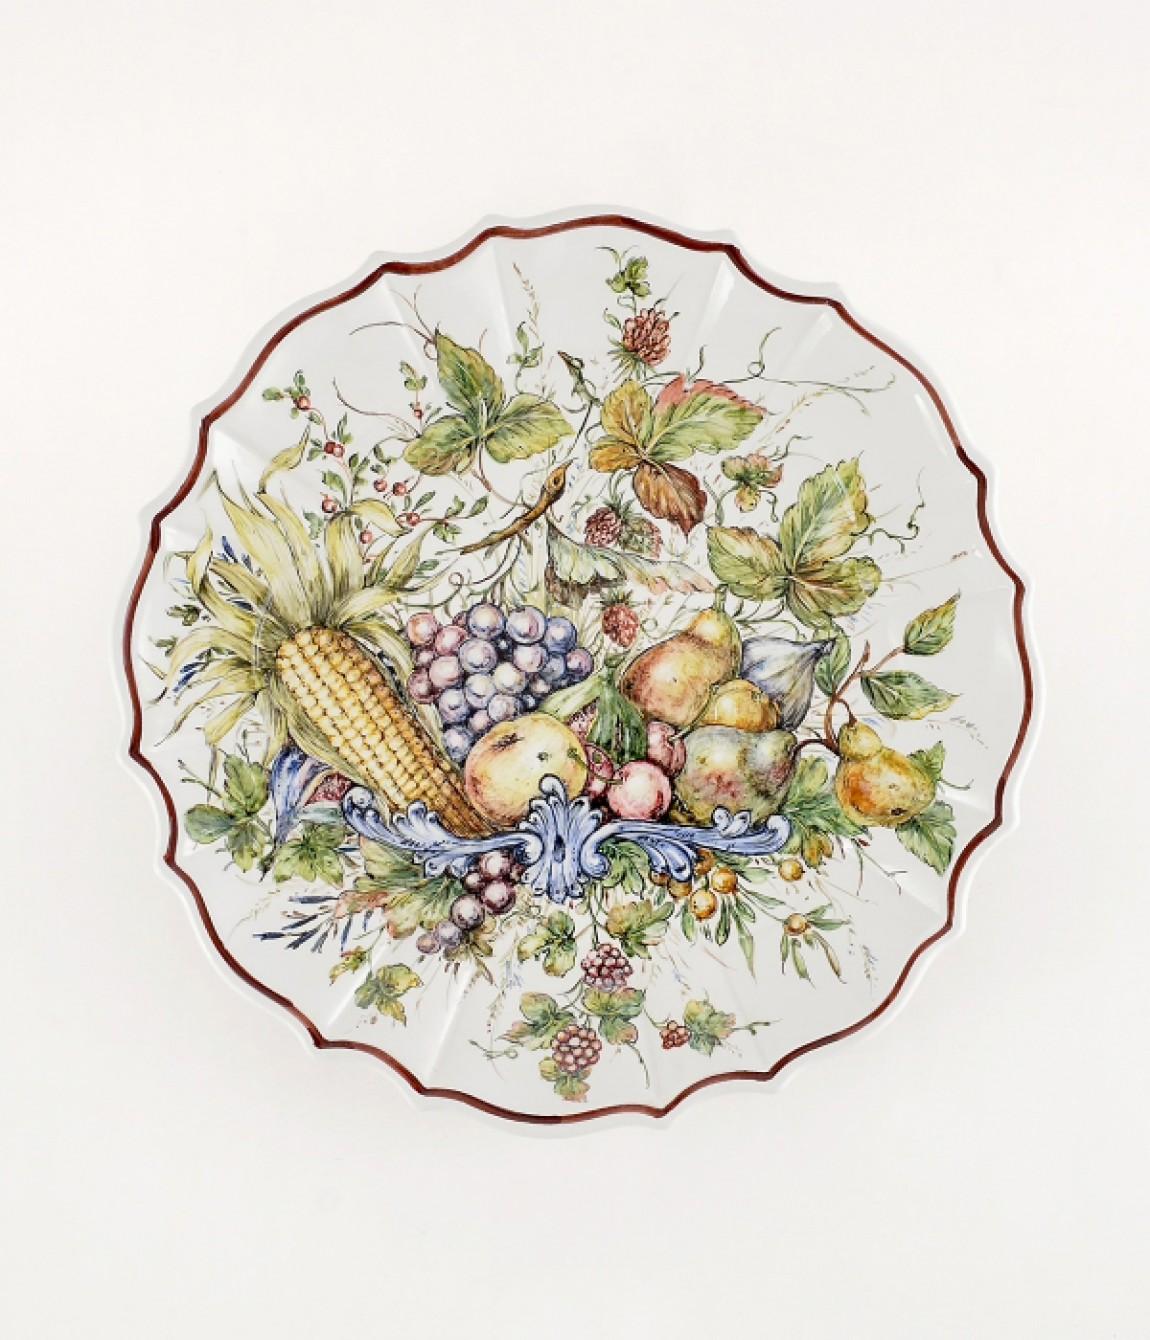 Piatto coste frutta luxury piatto in ceramica decorato a - Piatti di frutta decorati ...